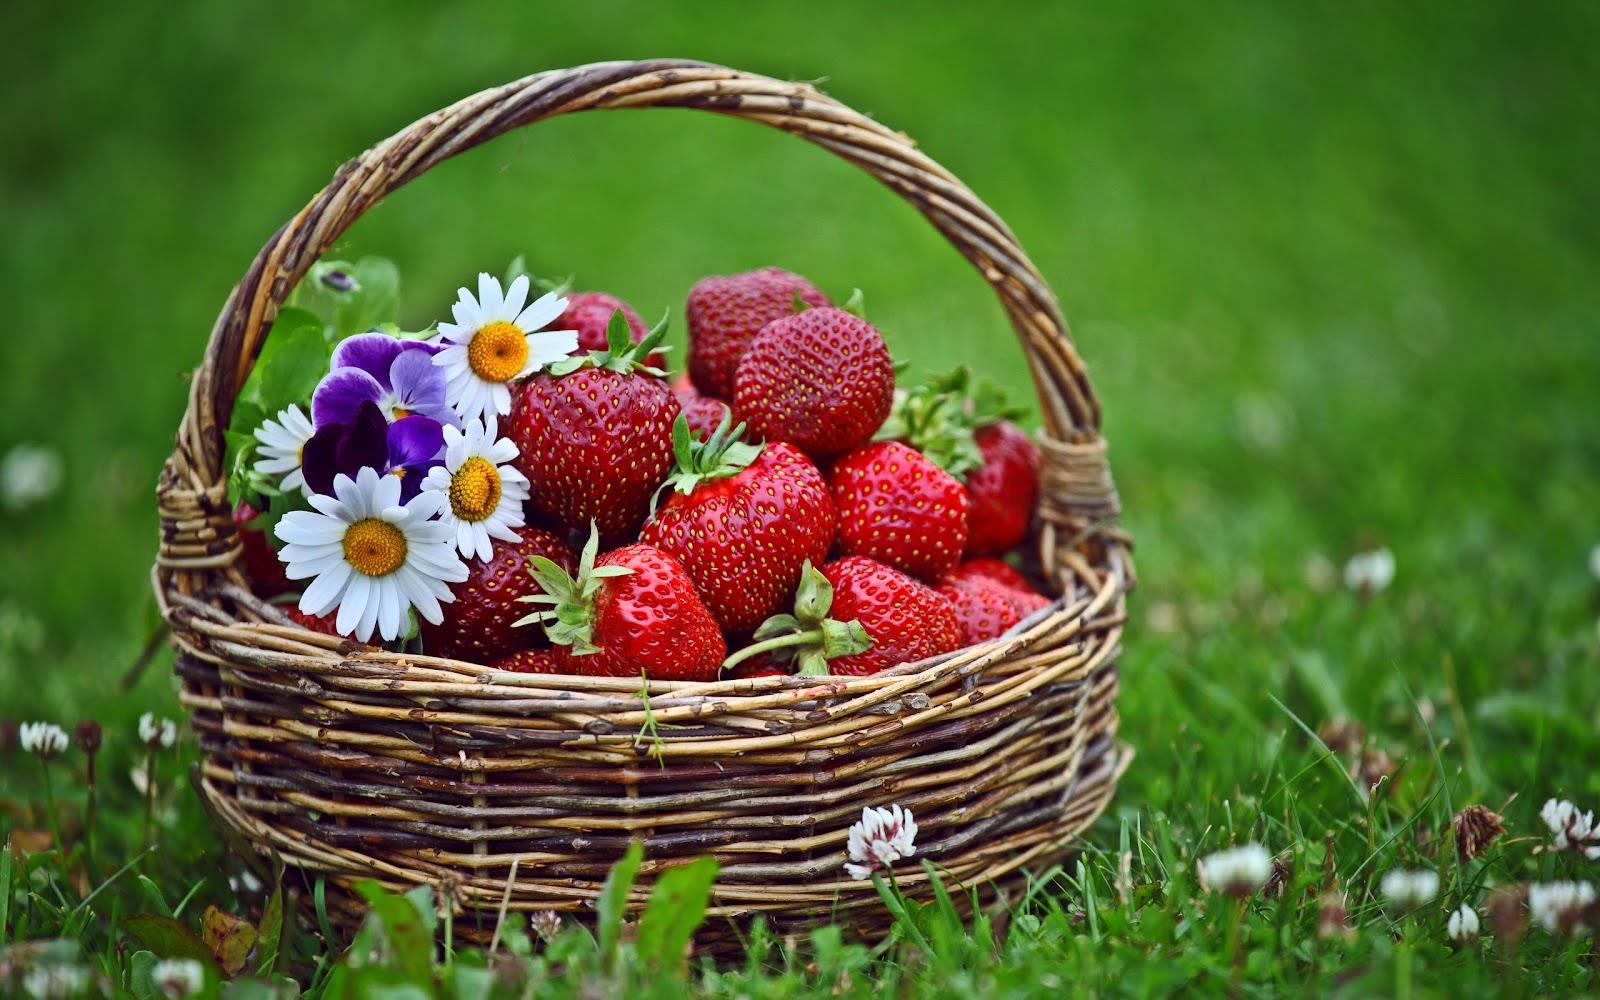 imagenes de frutas para colorear: